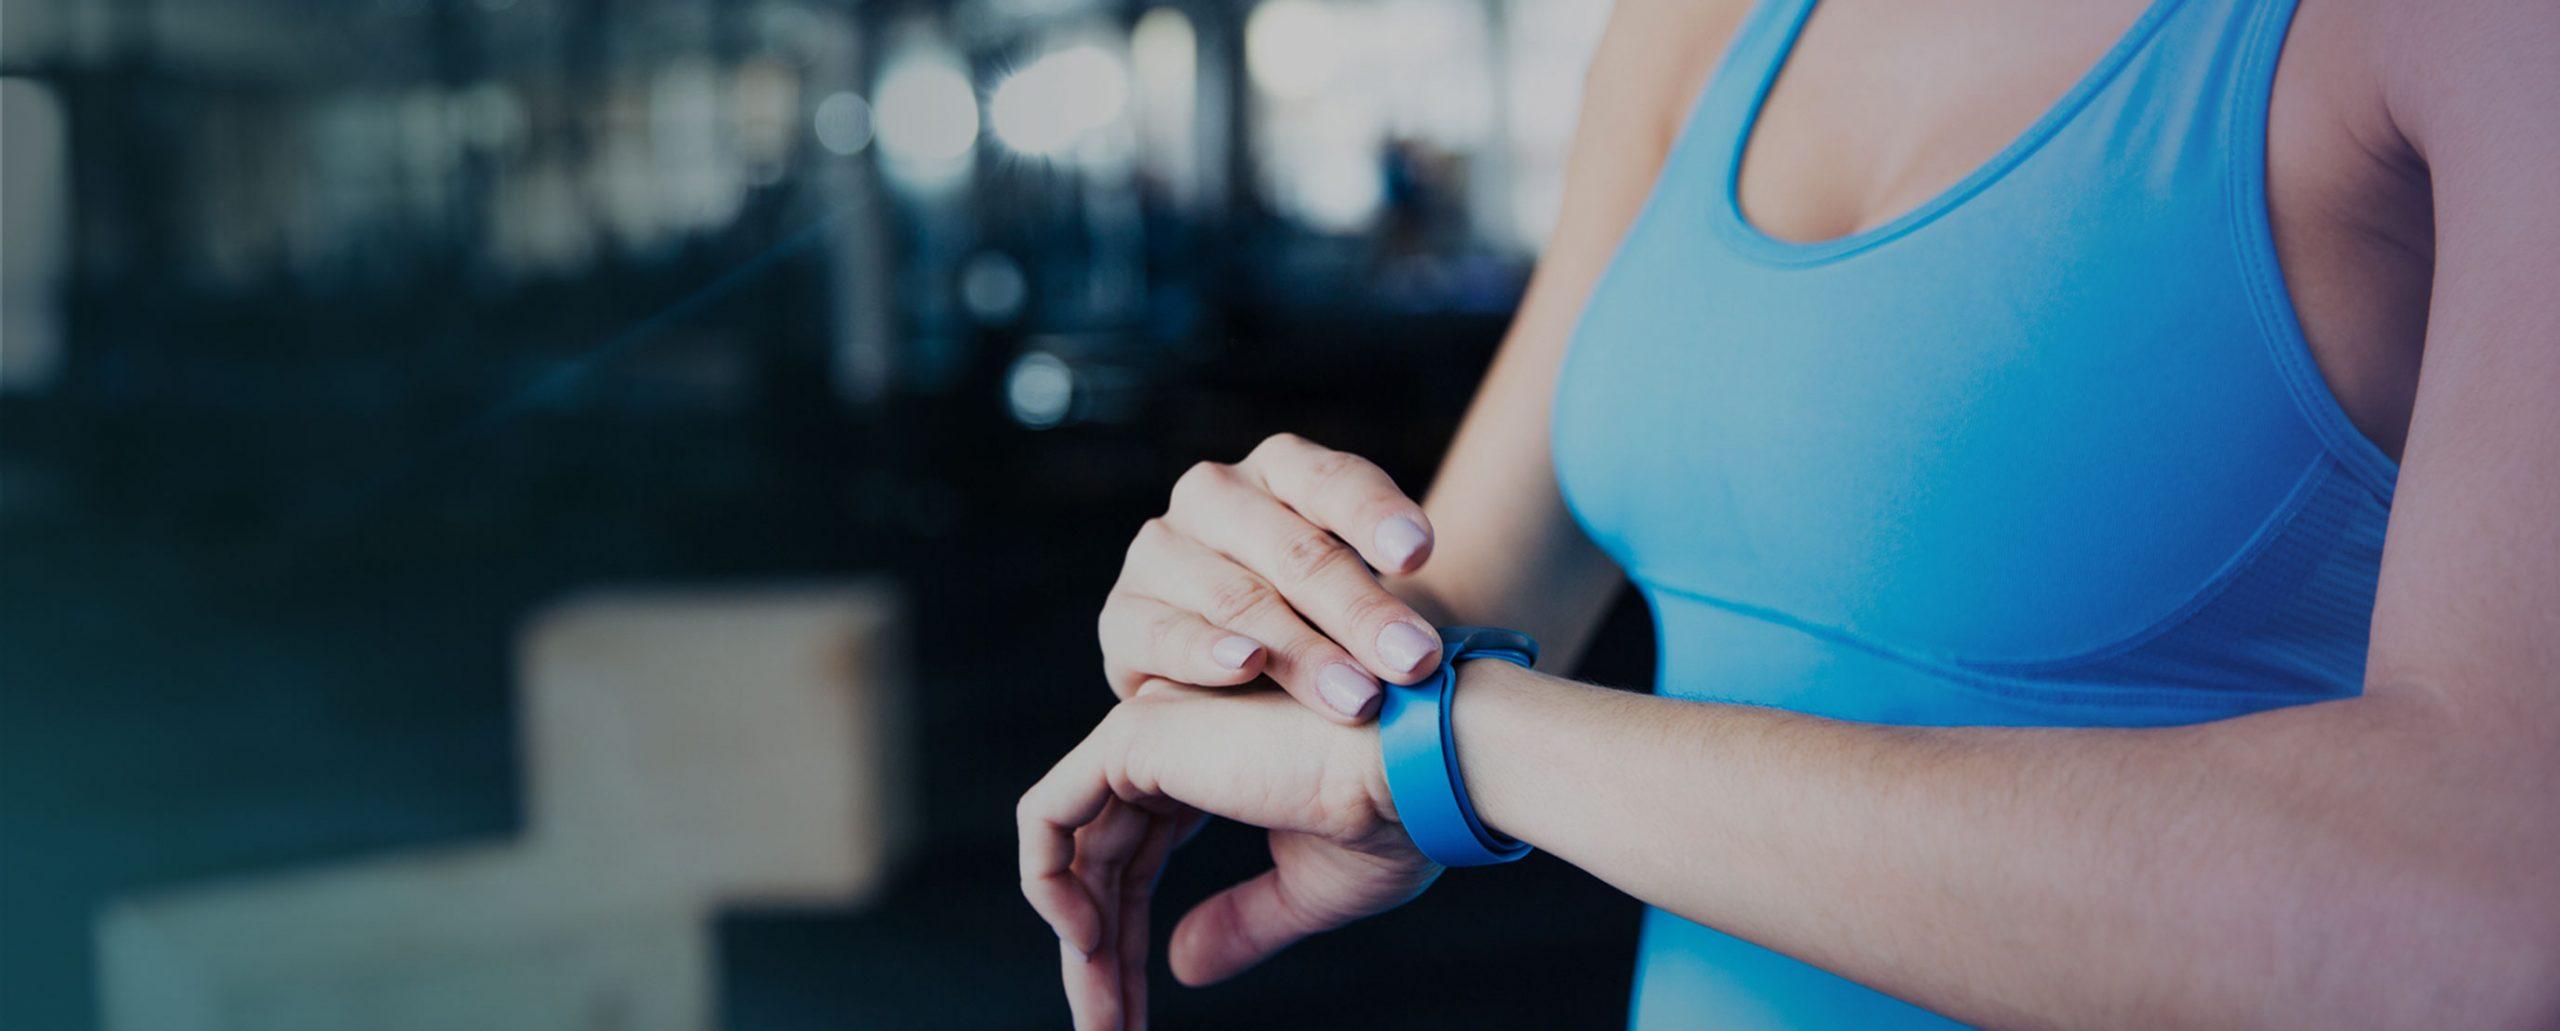 bracciale-fitness-come-scegliere